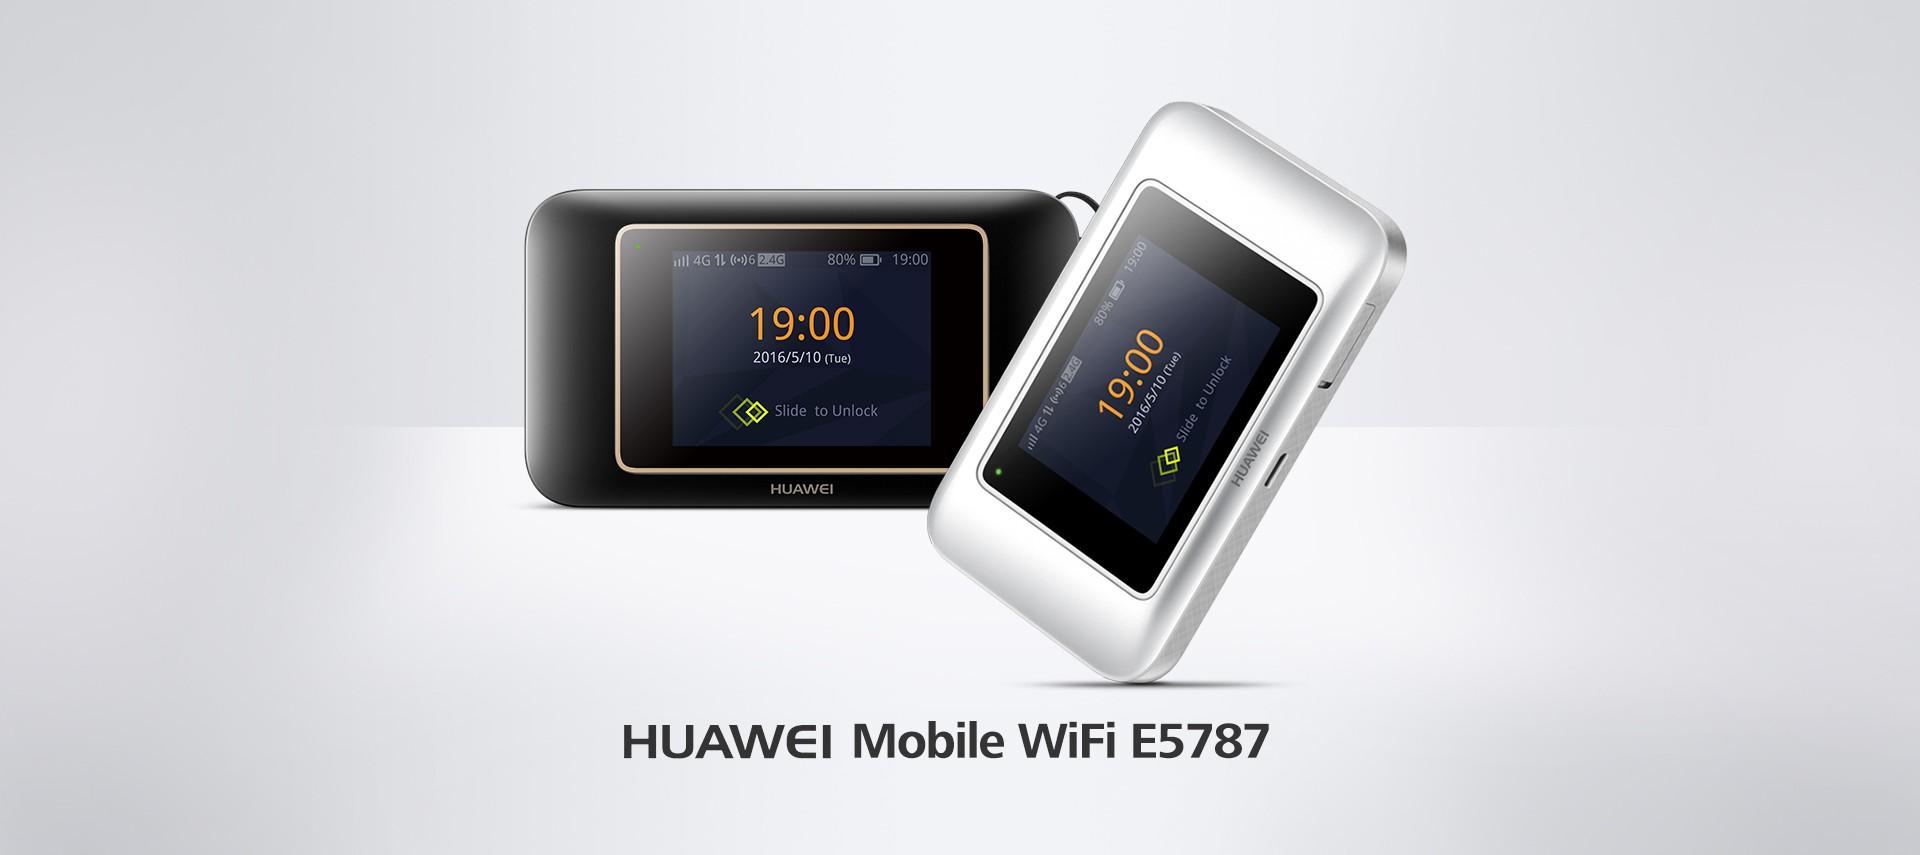 E5787, HUAWEI mobile broadband, WIFI dongle, mobile WIFI